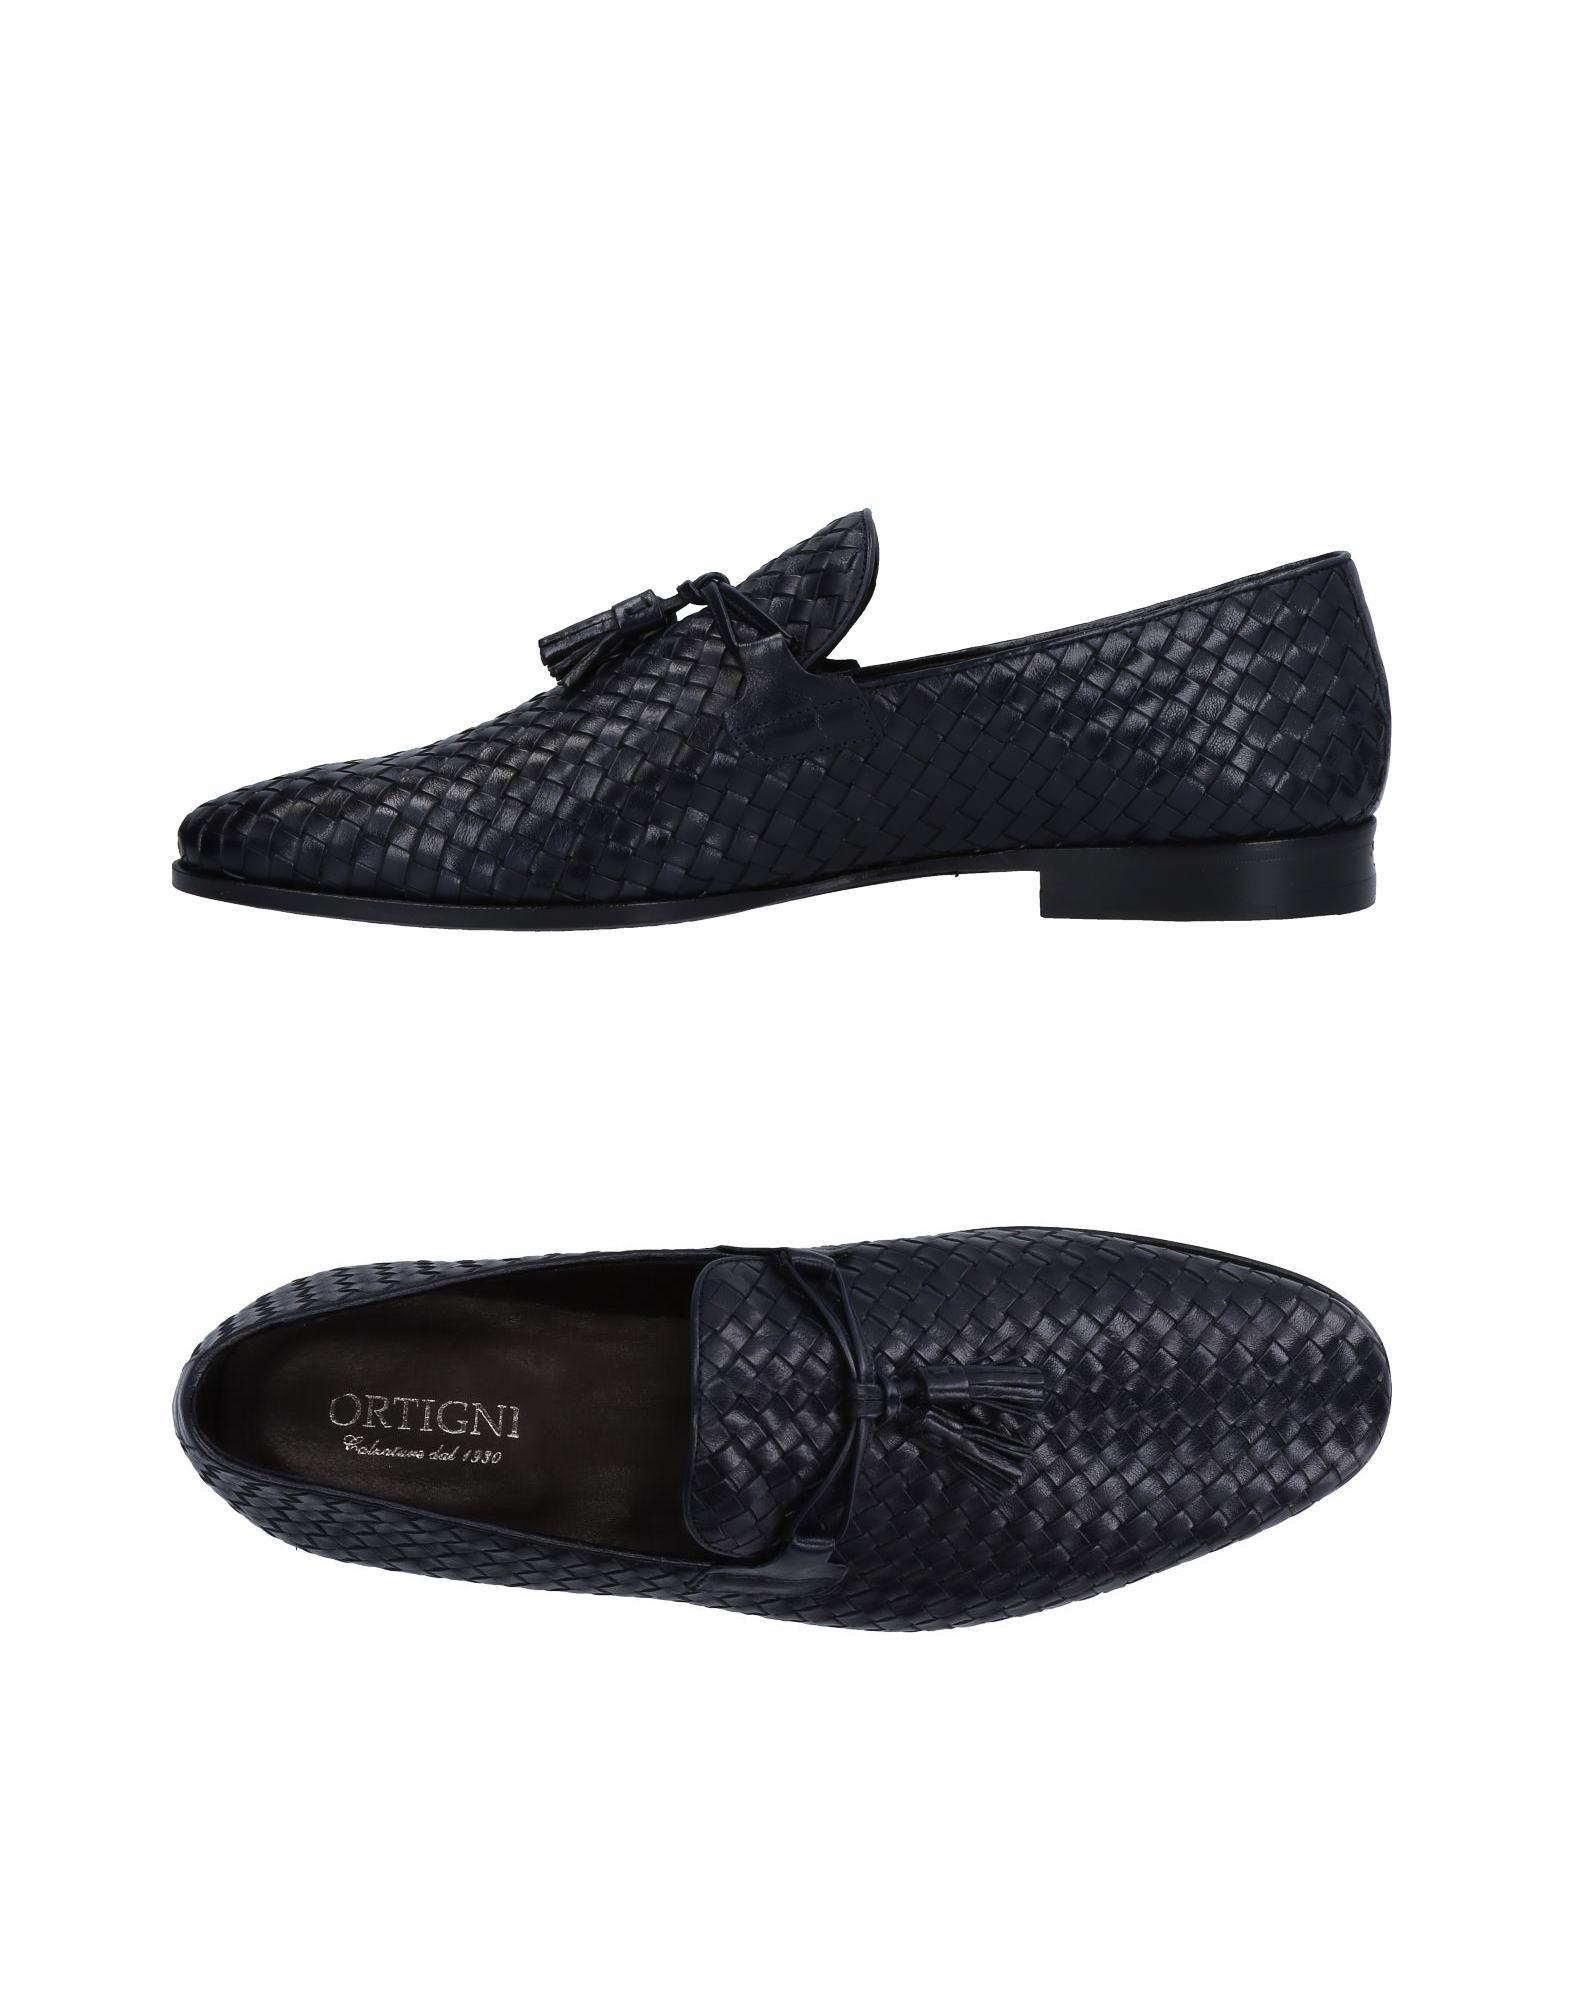 Sneakers Bikkembergs Uomo - 11461217CA moda Scarpe economiche e alla moda 11461217CA 9dd589